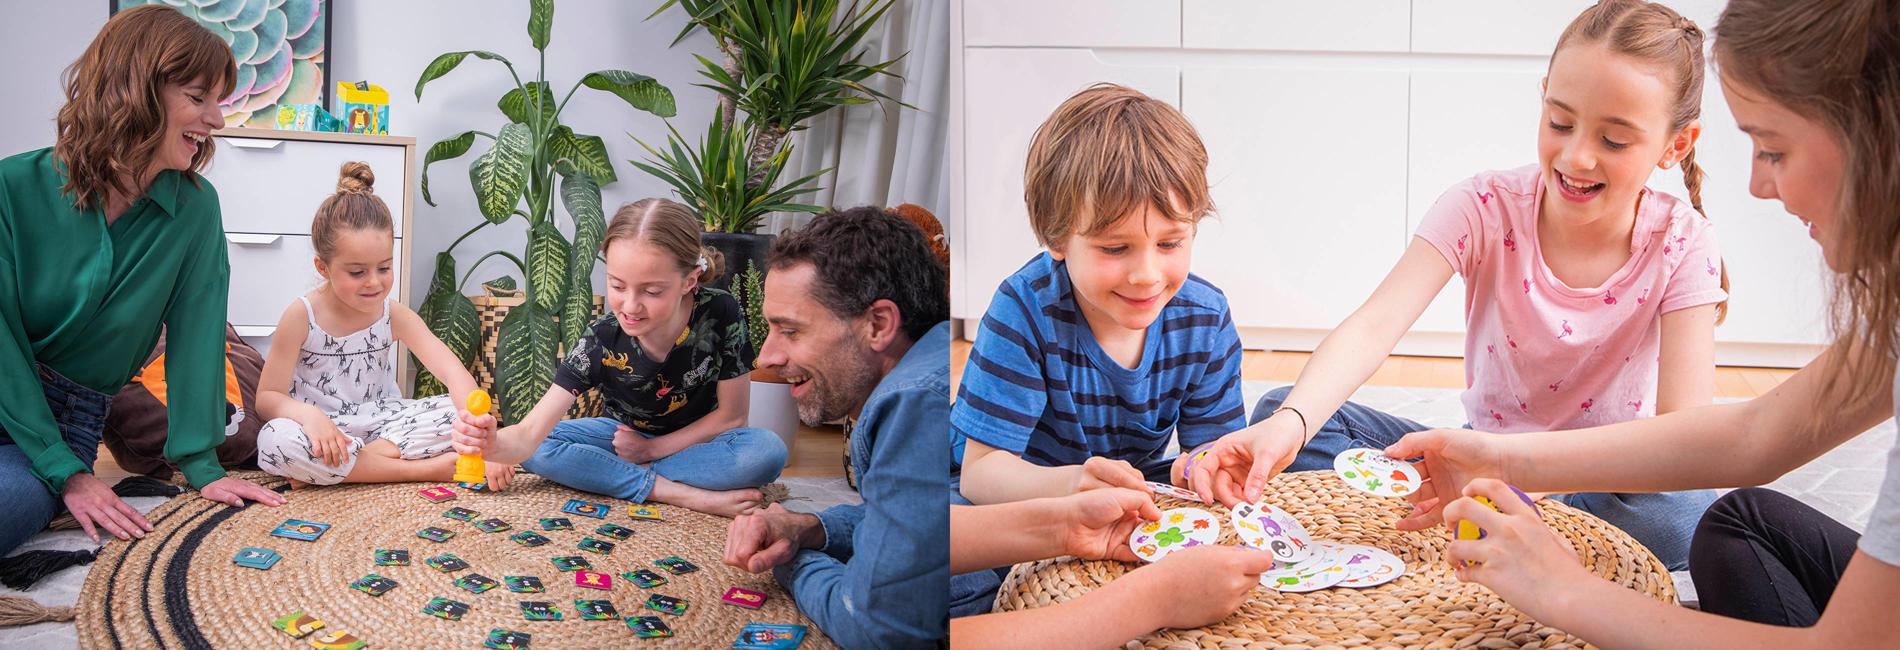 Speelgoed week 42 - spelend leren